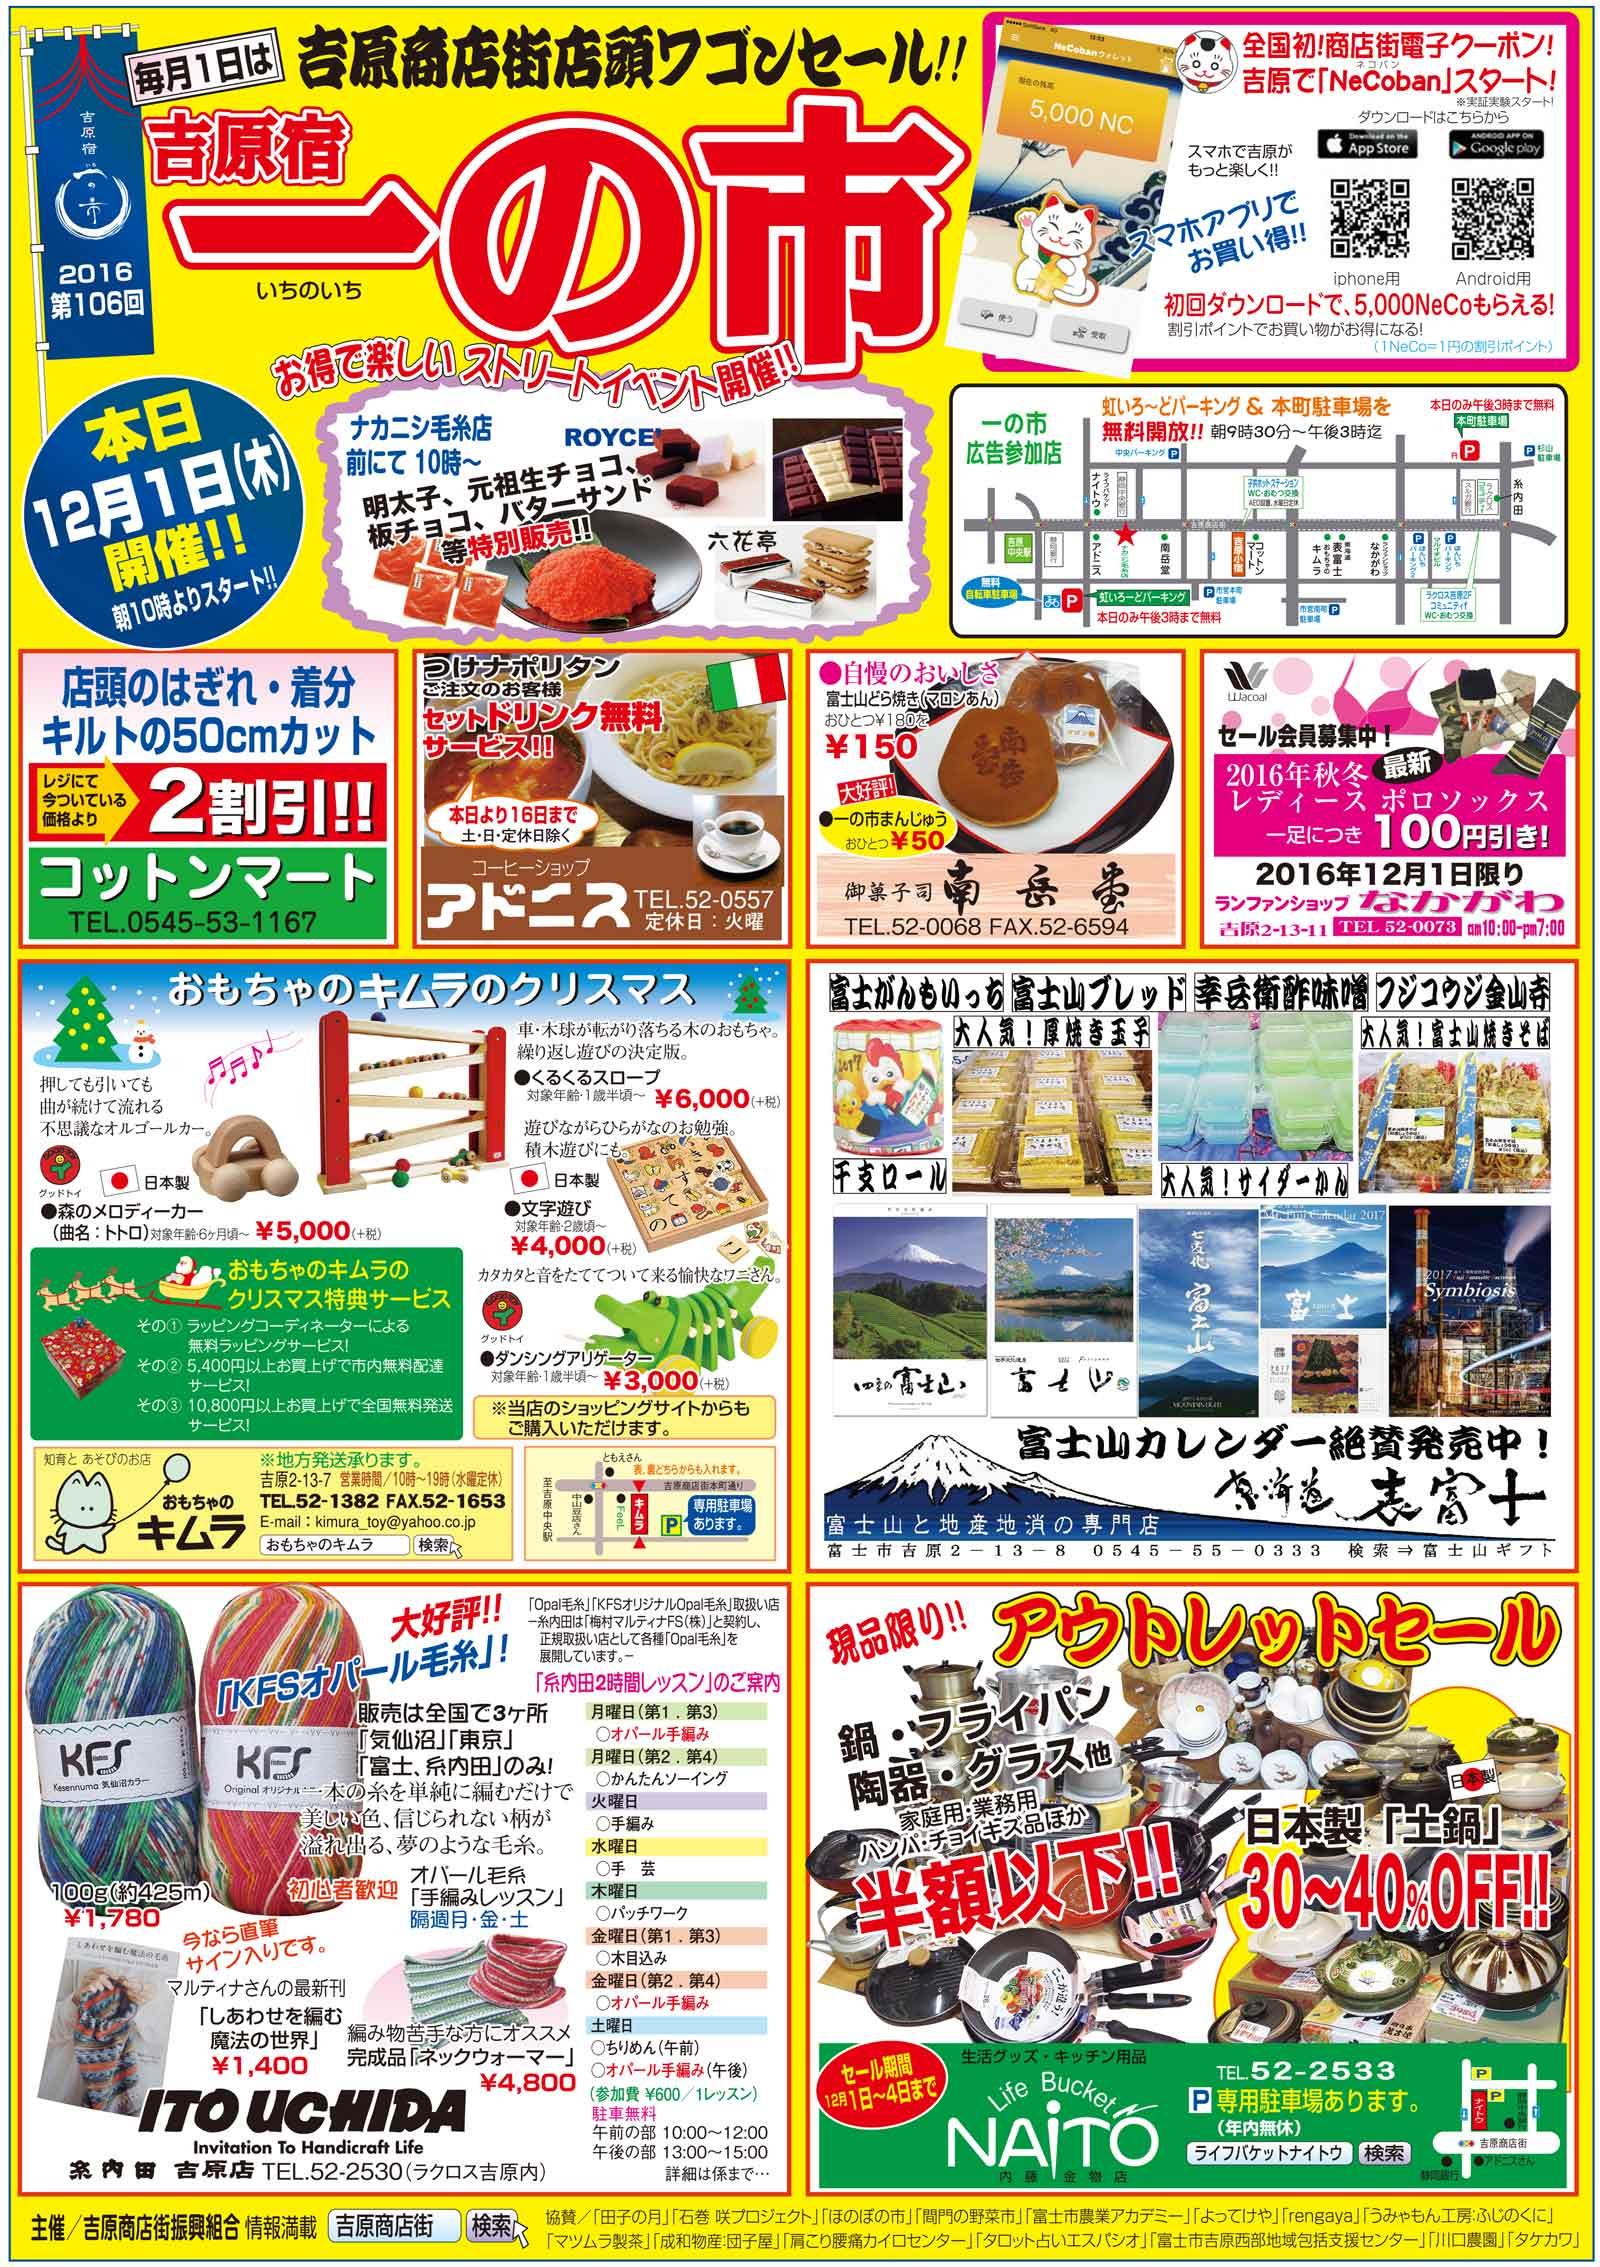 12月1日(木) 吉原宿 一の市 開催のお知らせ